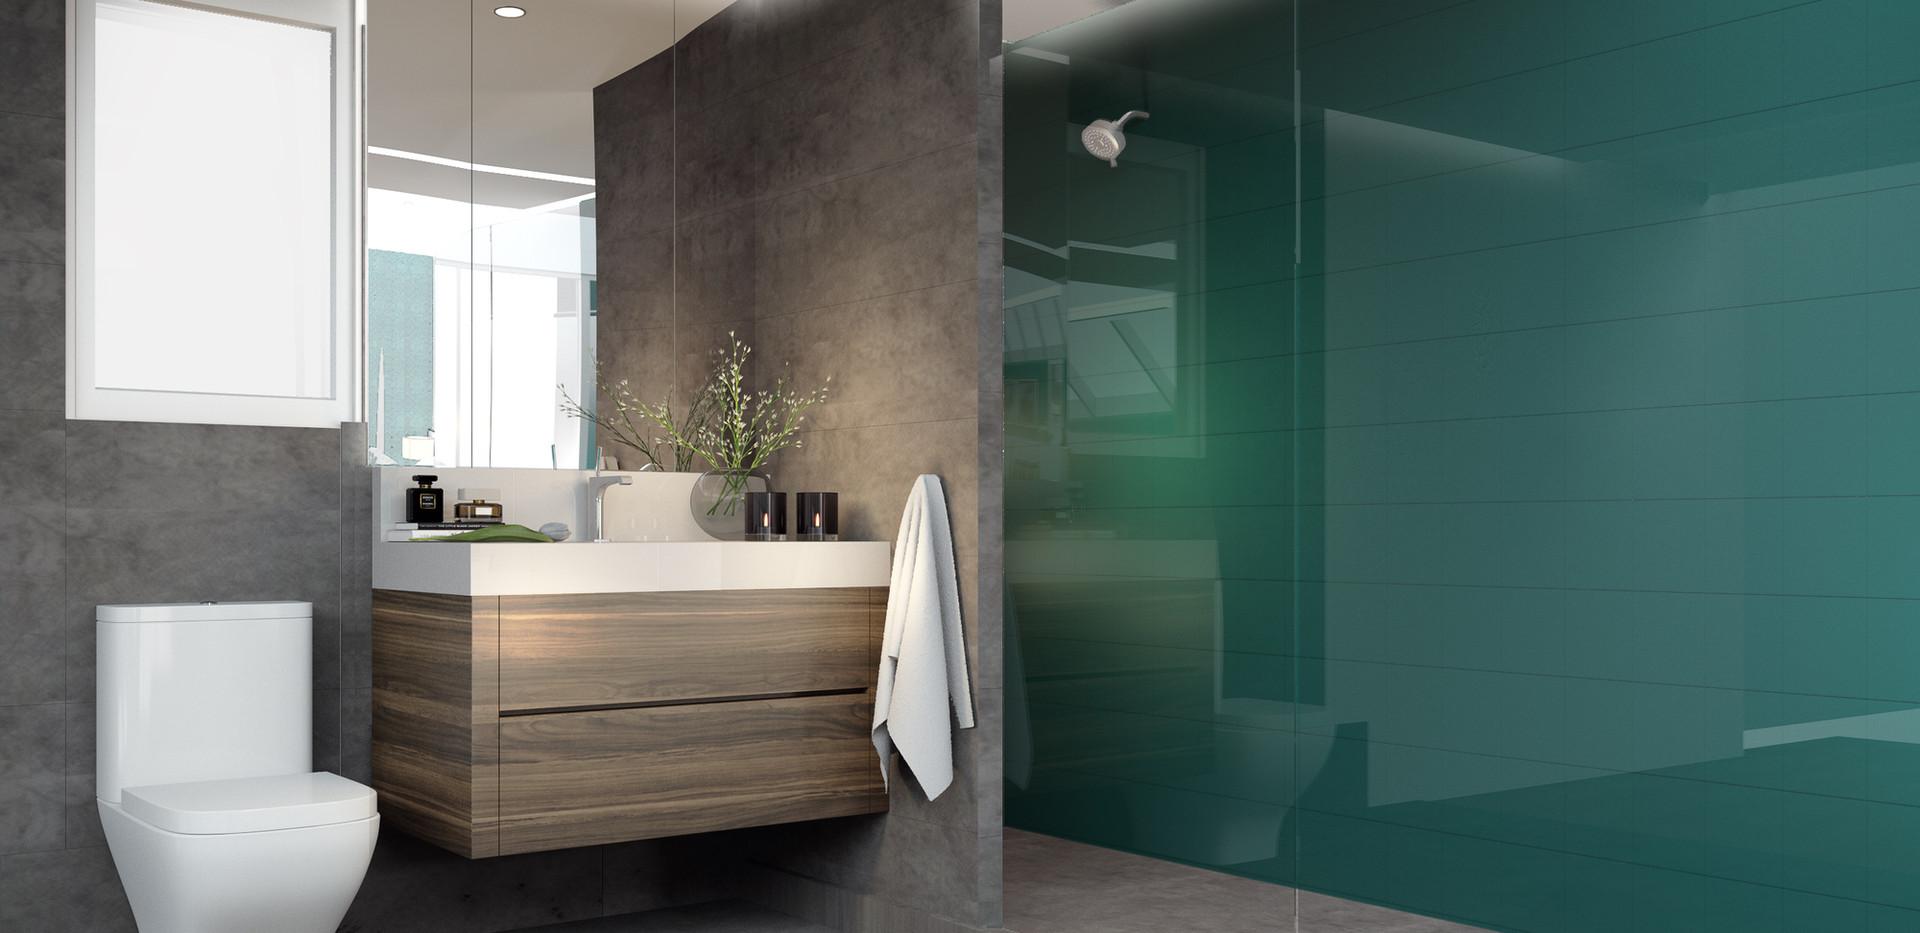 Villa Bathroom_Scheme-3.jpg